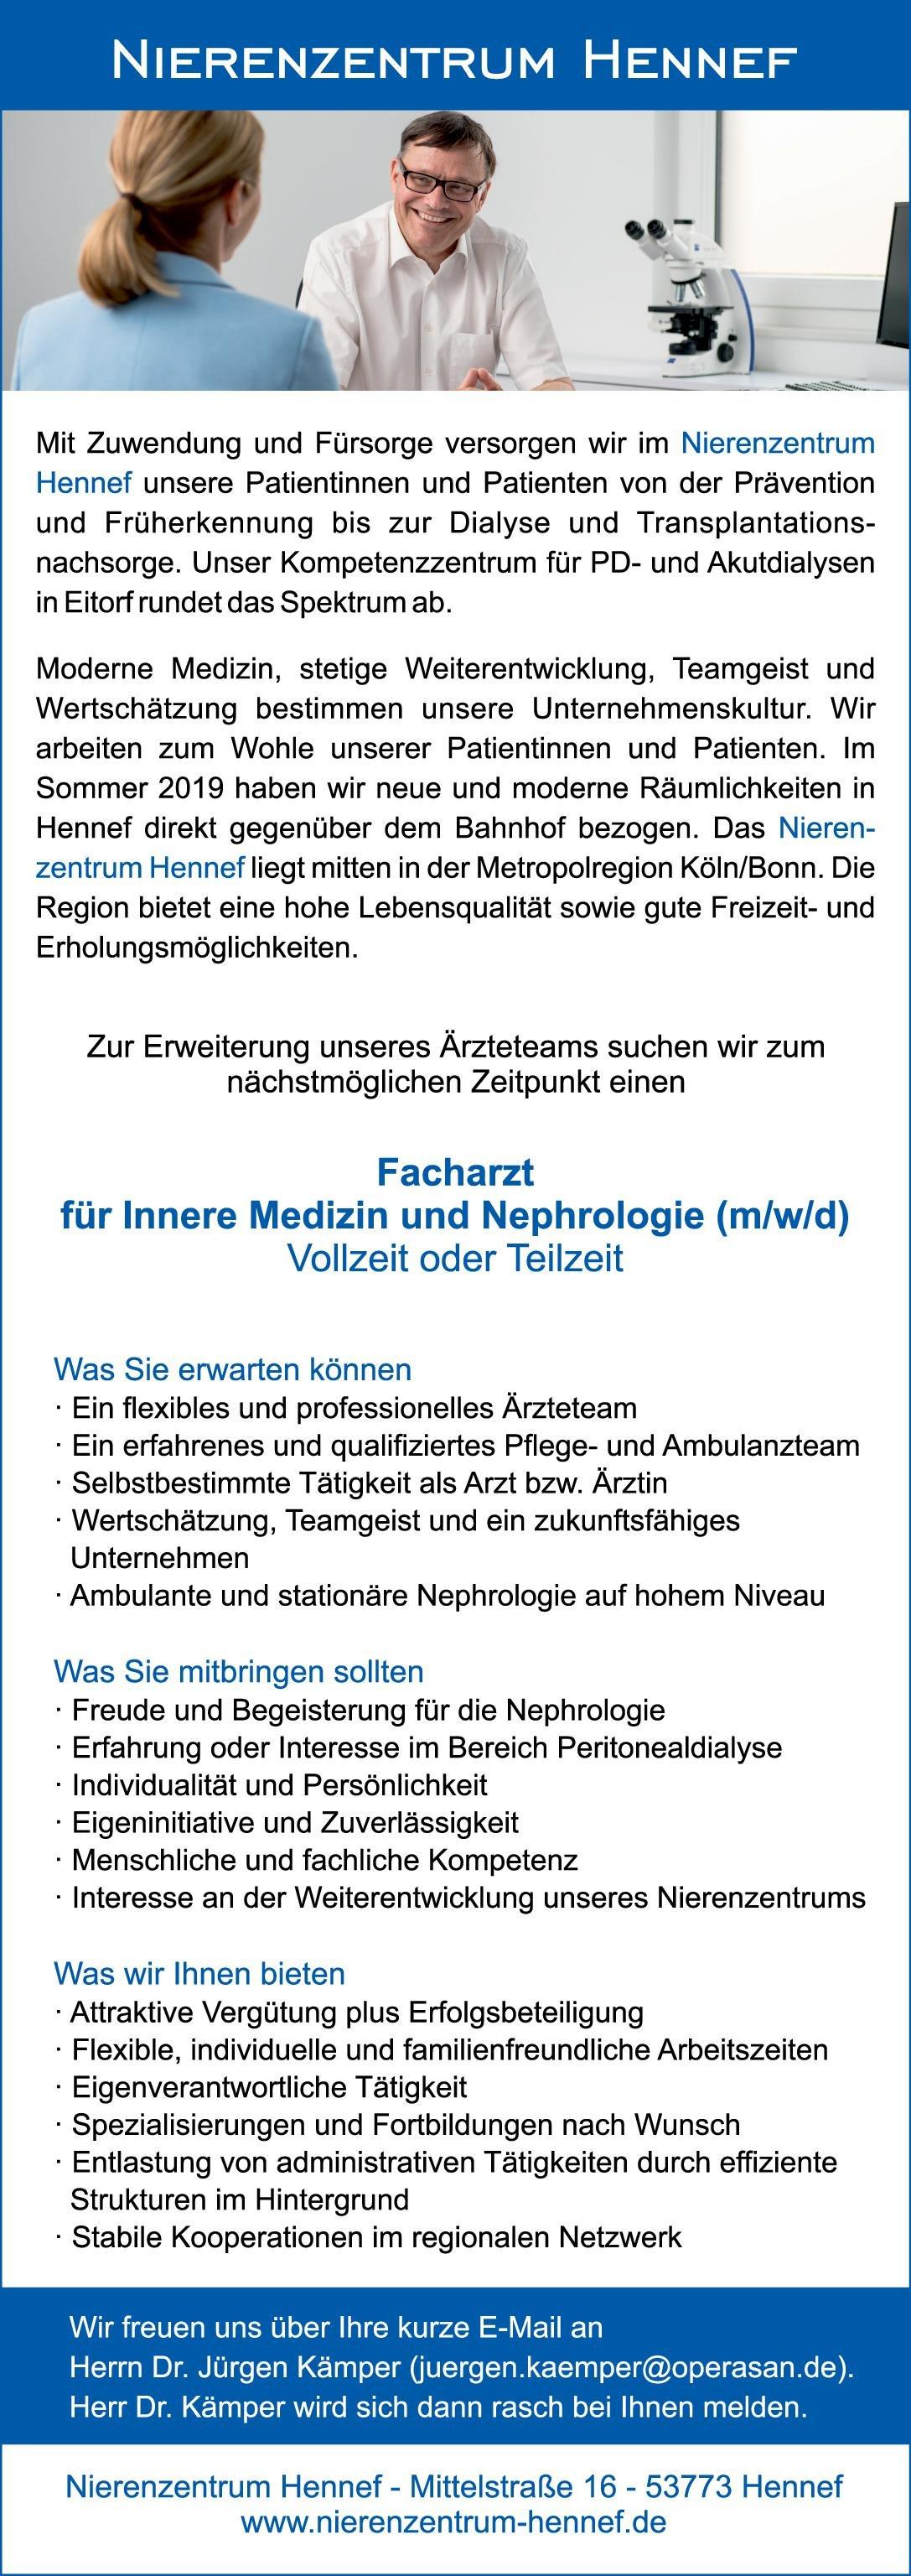 Nierenzentrum Hennef Facharzt für Innere Medizin und Nephrologie (m/w/d)  Innere Medizin und Nephrologie, Innere Medizin Arzt / Facharzt